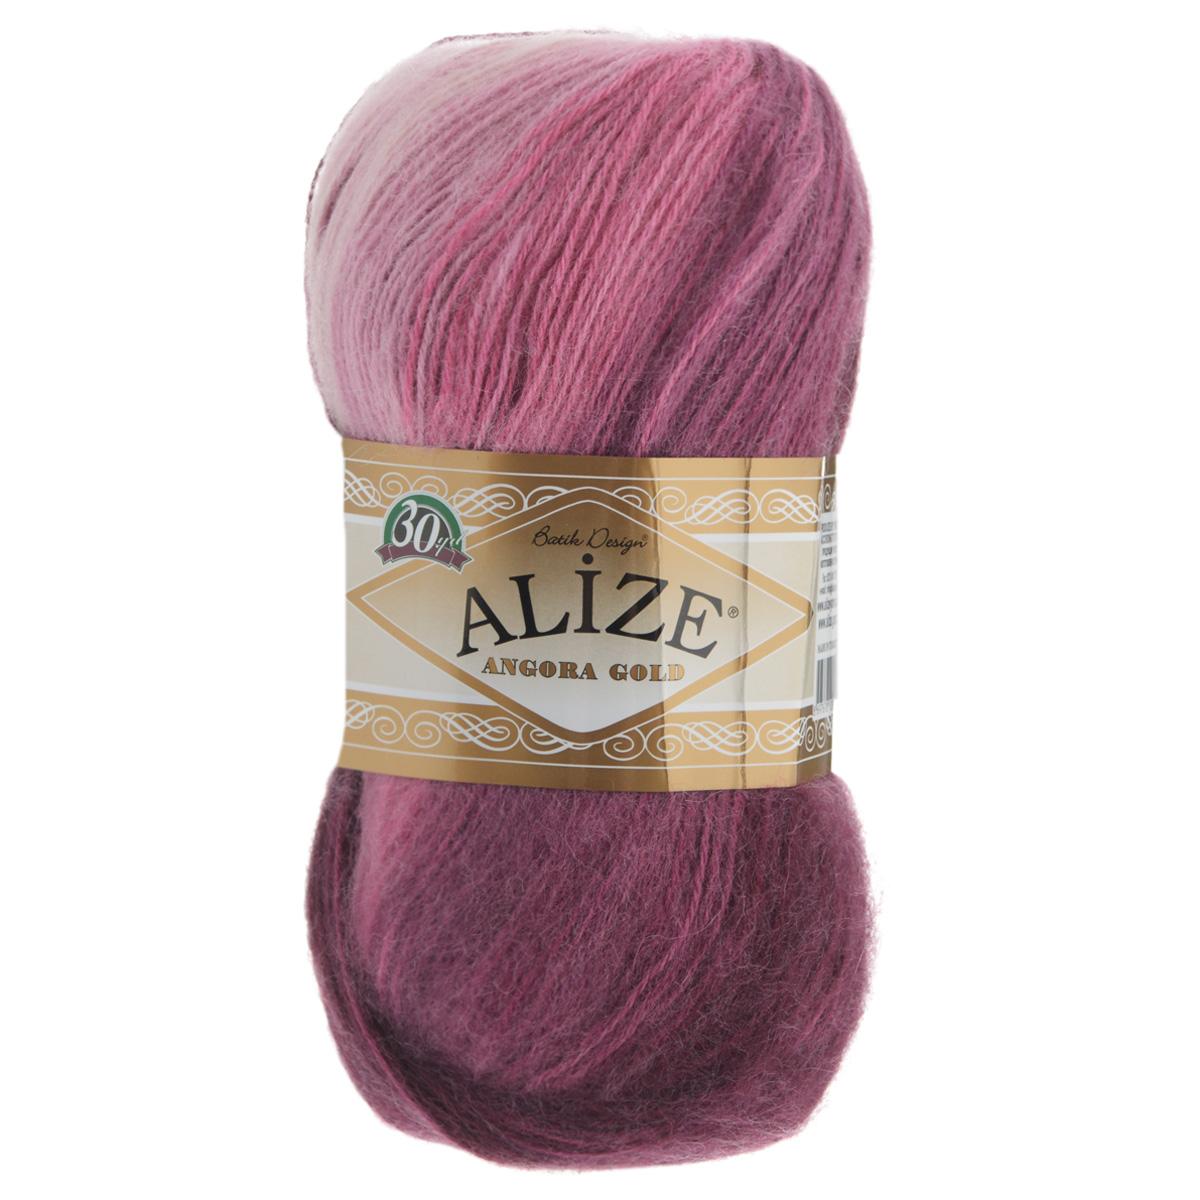 Пряжа для вязания Alize Angora Gold Batik, цвет: бордовый, светло-розовый, розовый (1895, 550 м, 100 г, 5 шт364112_1895Пряжа для вязания Alize Angora Gold Batik изготовлена из акрила, мохера и шерсти, что способствует прекрасному тепловому обмену, легкости и комфорту. Меланжевая ниточка тонкая, пушистая. Из данной пряжи получаются вещи, которые не требуют ни украшений, ни дополнений. Пряжа допускает самую простую и примитивную вязку, но при этом смотрится необычно благодаря своей цветовой палитре. В ее состав входит акрил, что позволяет стирать ваши изделия в стиральной машине (на деликатной стирке) и они не потеряют свою первоначальную форму. Классическая зимняя пряжа секционного крашения для вязания теплых пушистых вещей. Пряжа отлично подходит для вязания свитеров, жилетов, шарфов, шапок, шалей и пр. Рекомендуется ручная стирка. Рекомендованные спицы № 3-6, крючок № 2-4. С такой пряжей для ручного вязания вы сможете связать своими руками необычные и красивые вещи. Состав: 80% акрил, 10% шерсть, 10% мохер.